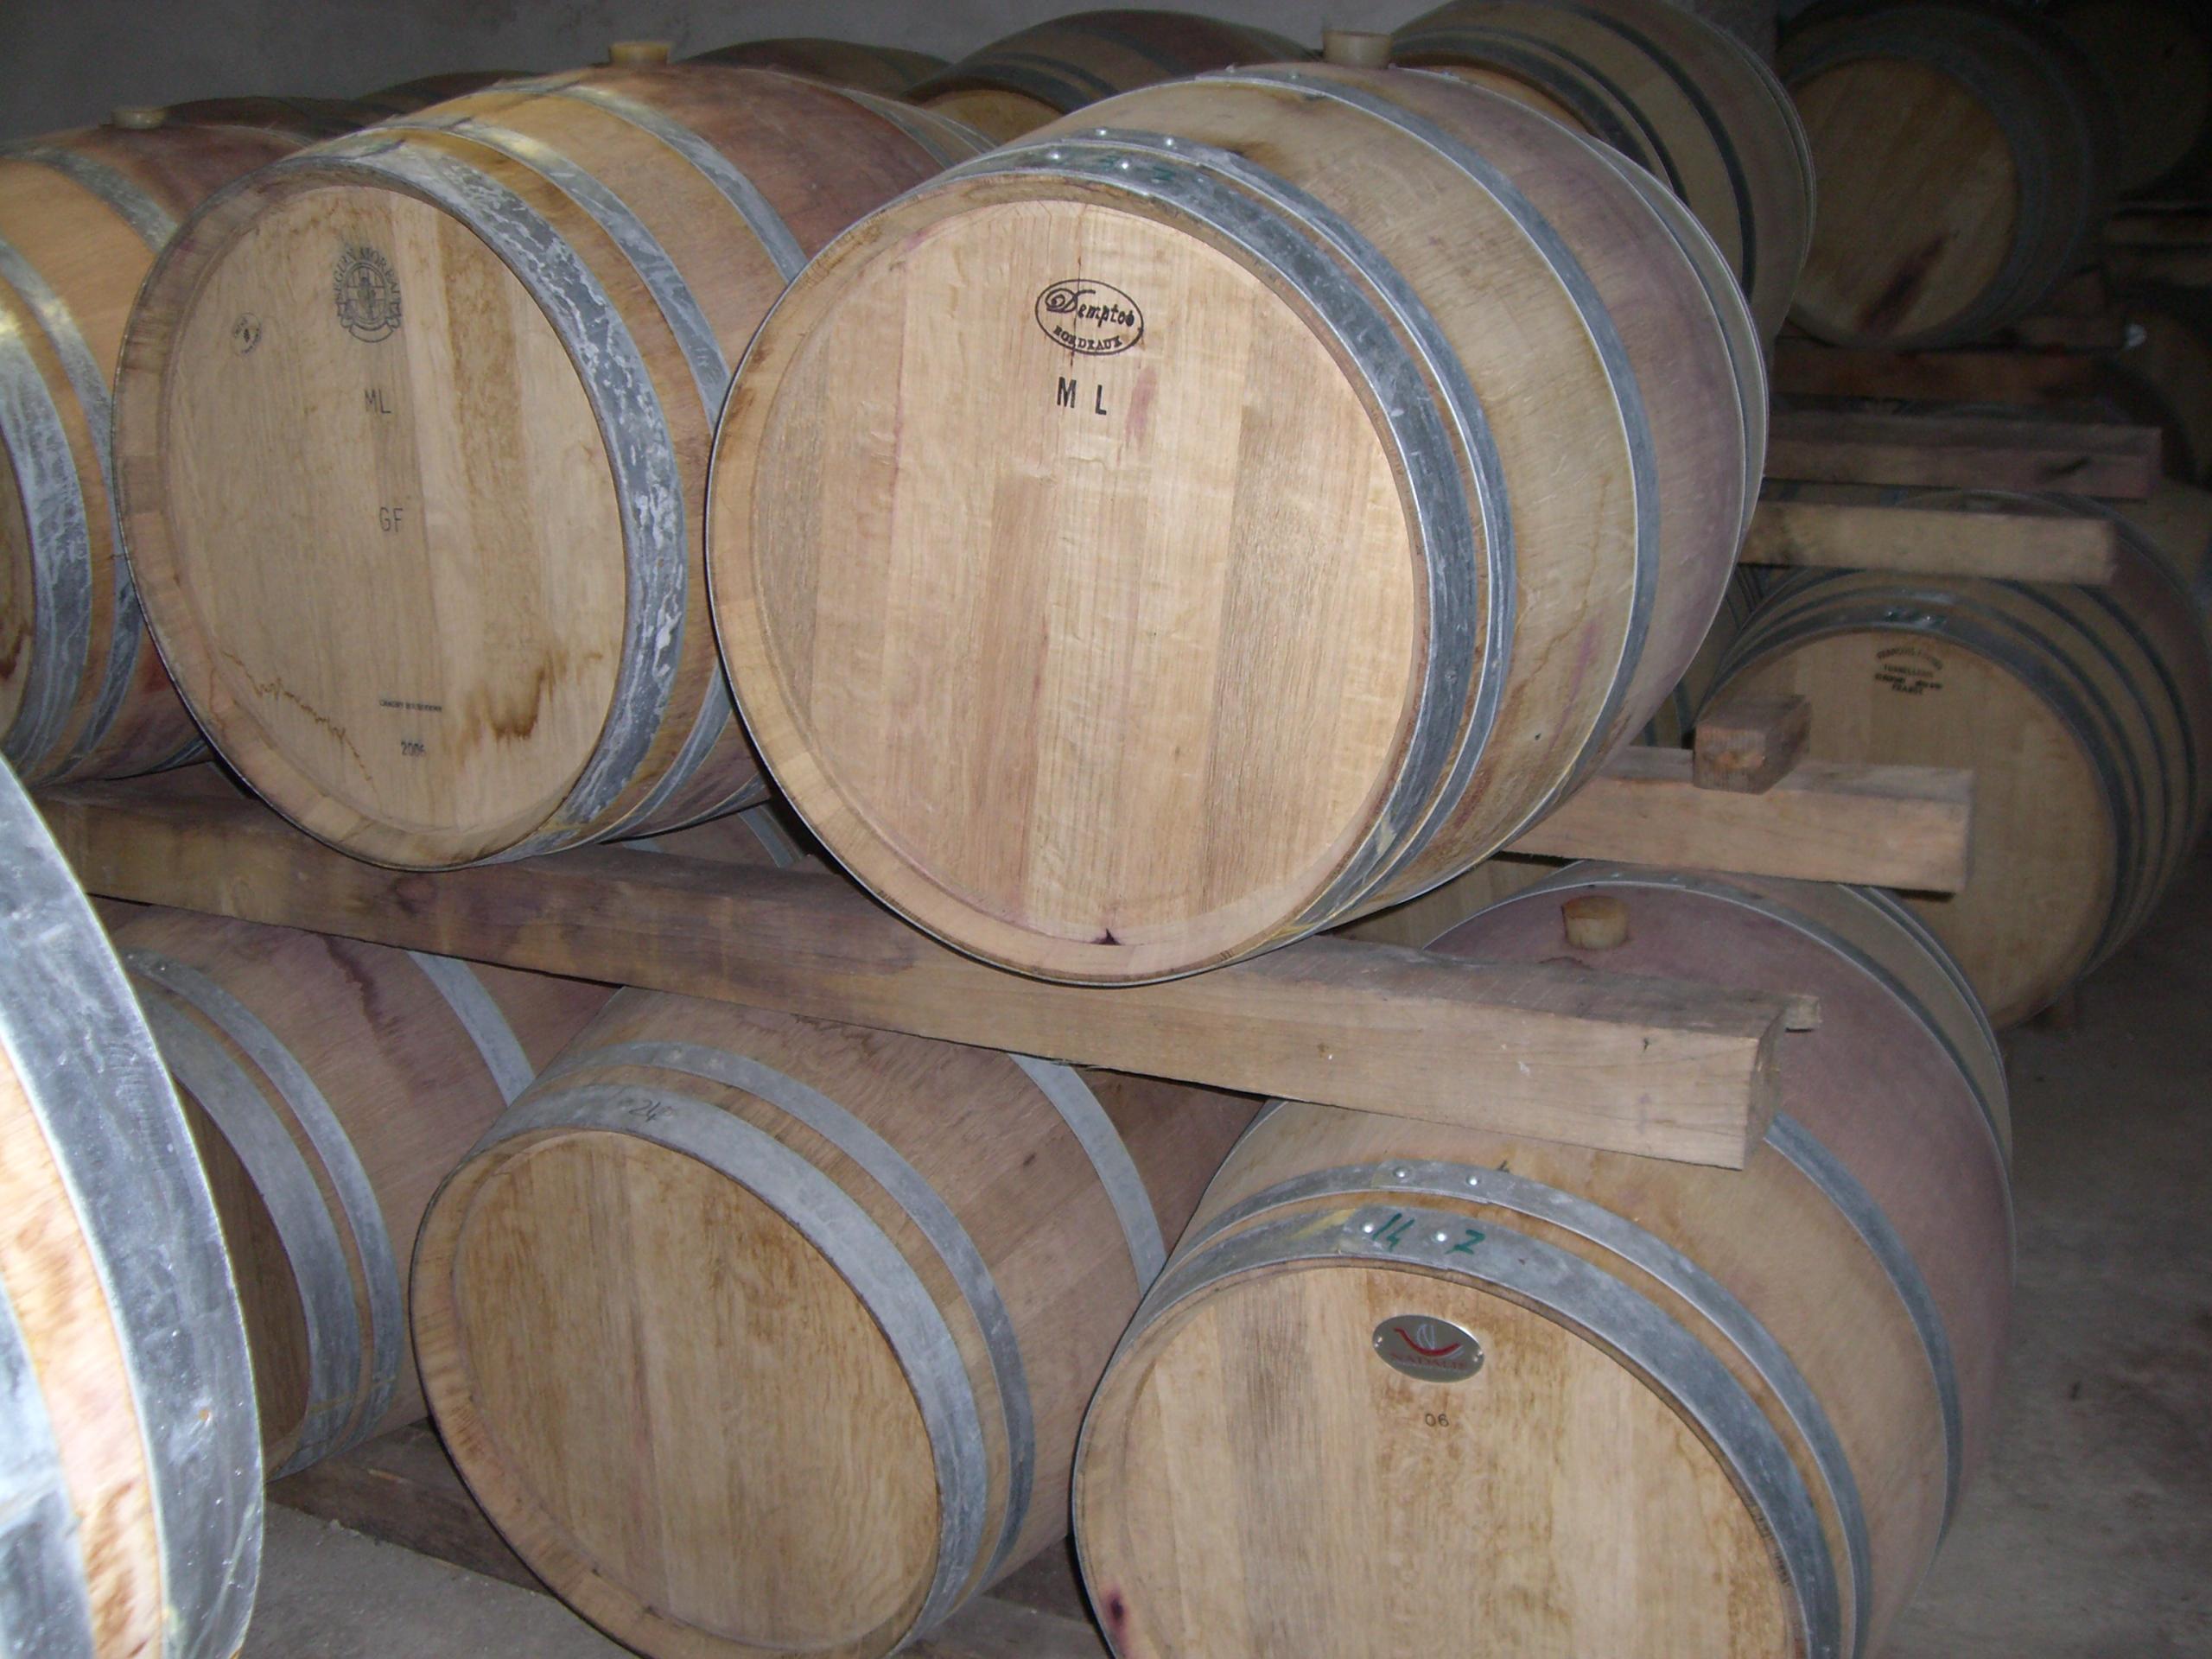 Vente de vin, vente de vin en ligne, achat de vin bio, achat vin, acheter du vin, vin rosé, vin blanc, vin rouge, prix des vins, vin achat, grand vin, promo vin, achat vin grand cru, cave a vin, bon vin pas cher, site vente vin, achat vin rouge, site vente de vin, vin acheter, vin rosé pas cher, acheter vin rouge, ou acheter du vin, prix vin rouge, site pour acheter du vin